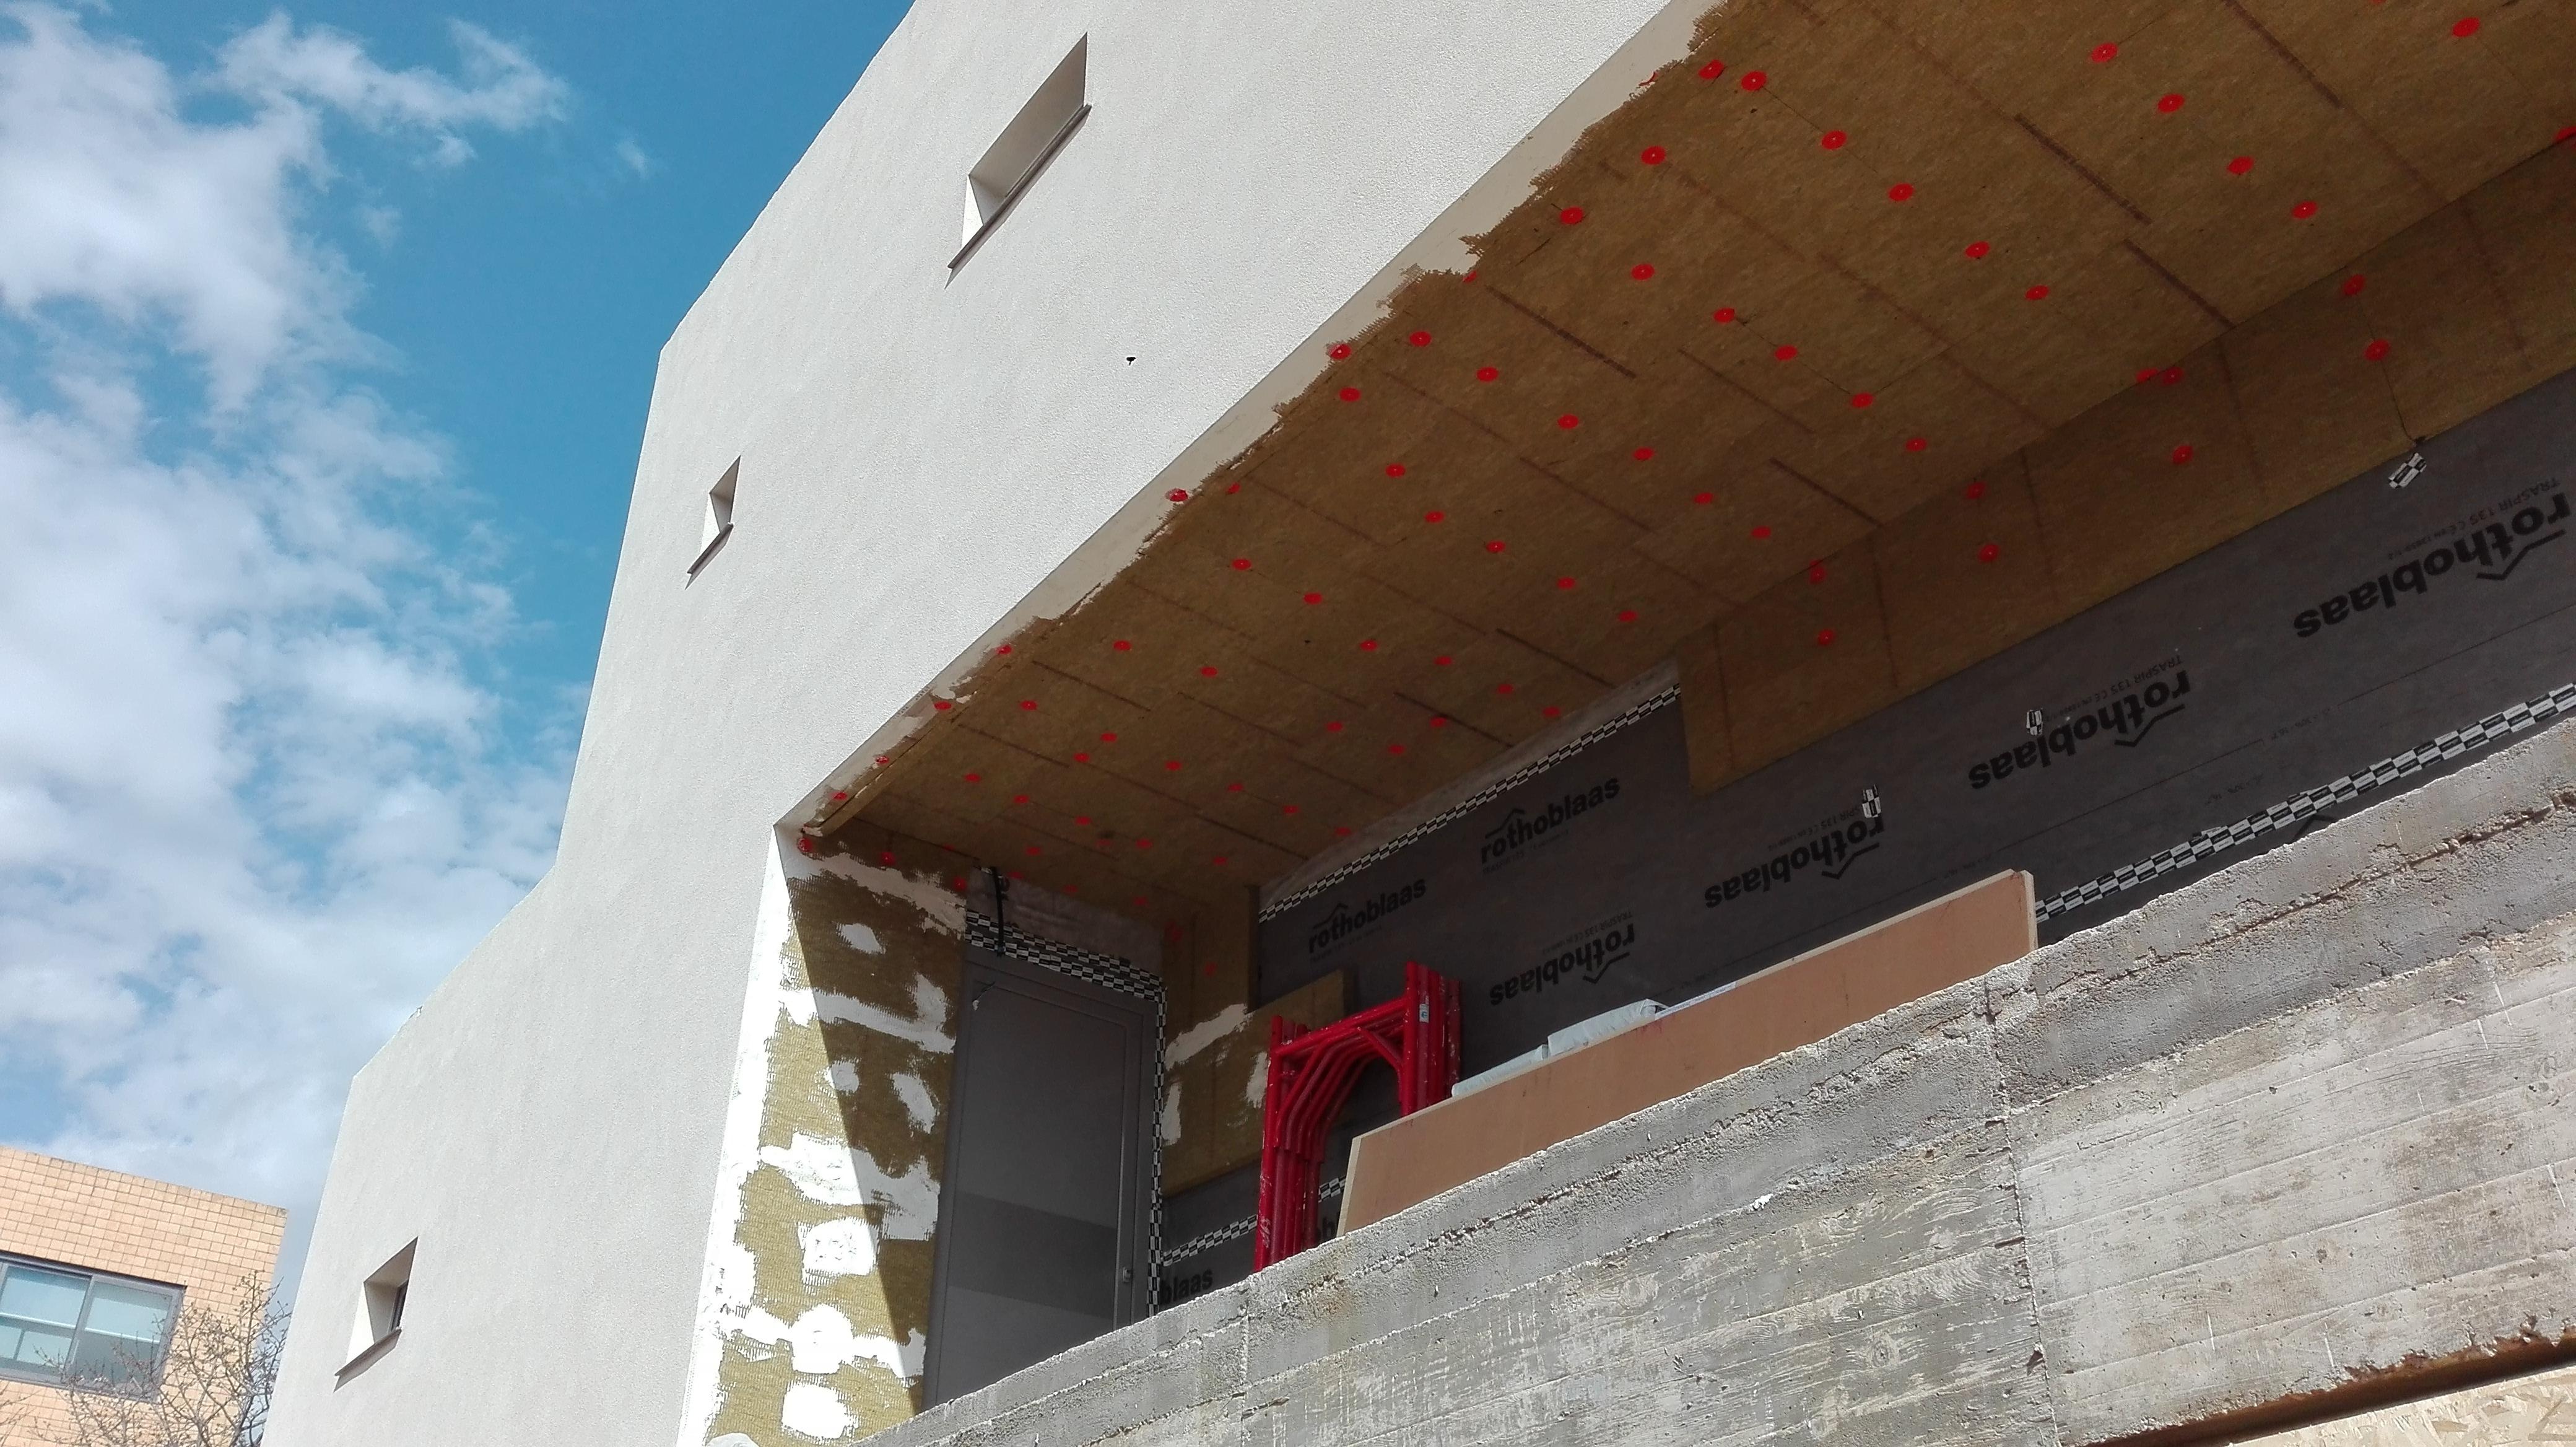 Energiehaus_Arquitectos